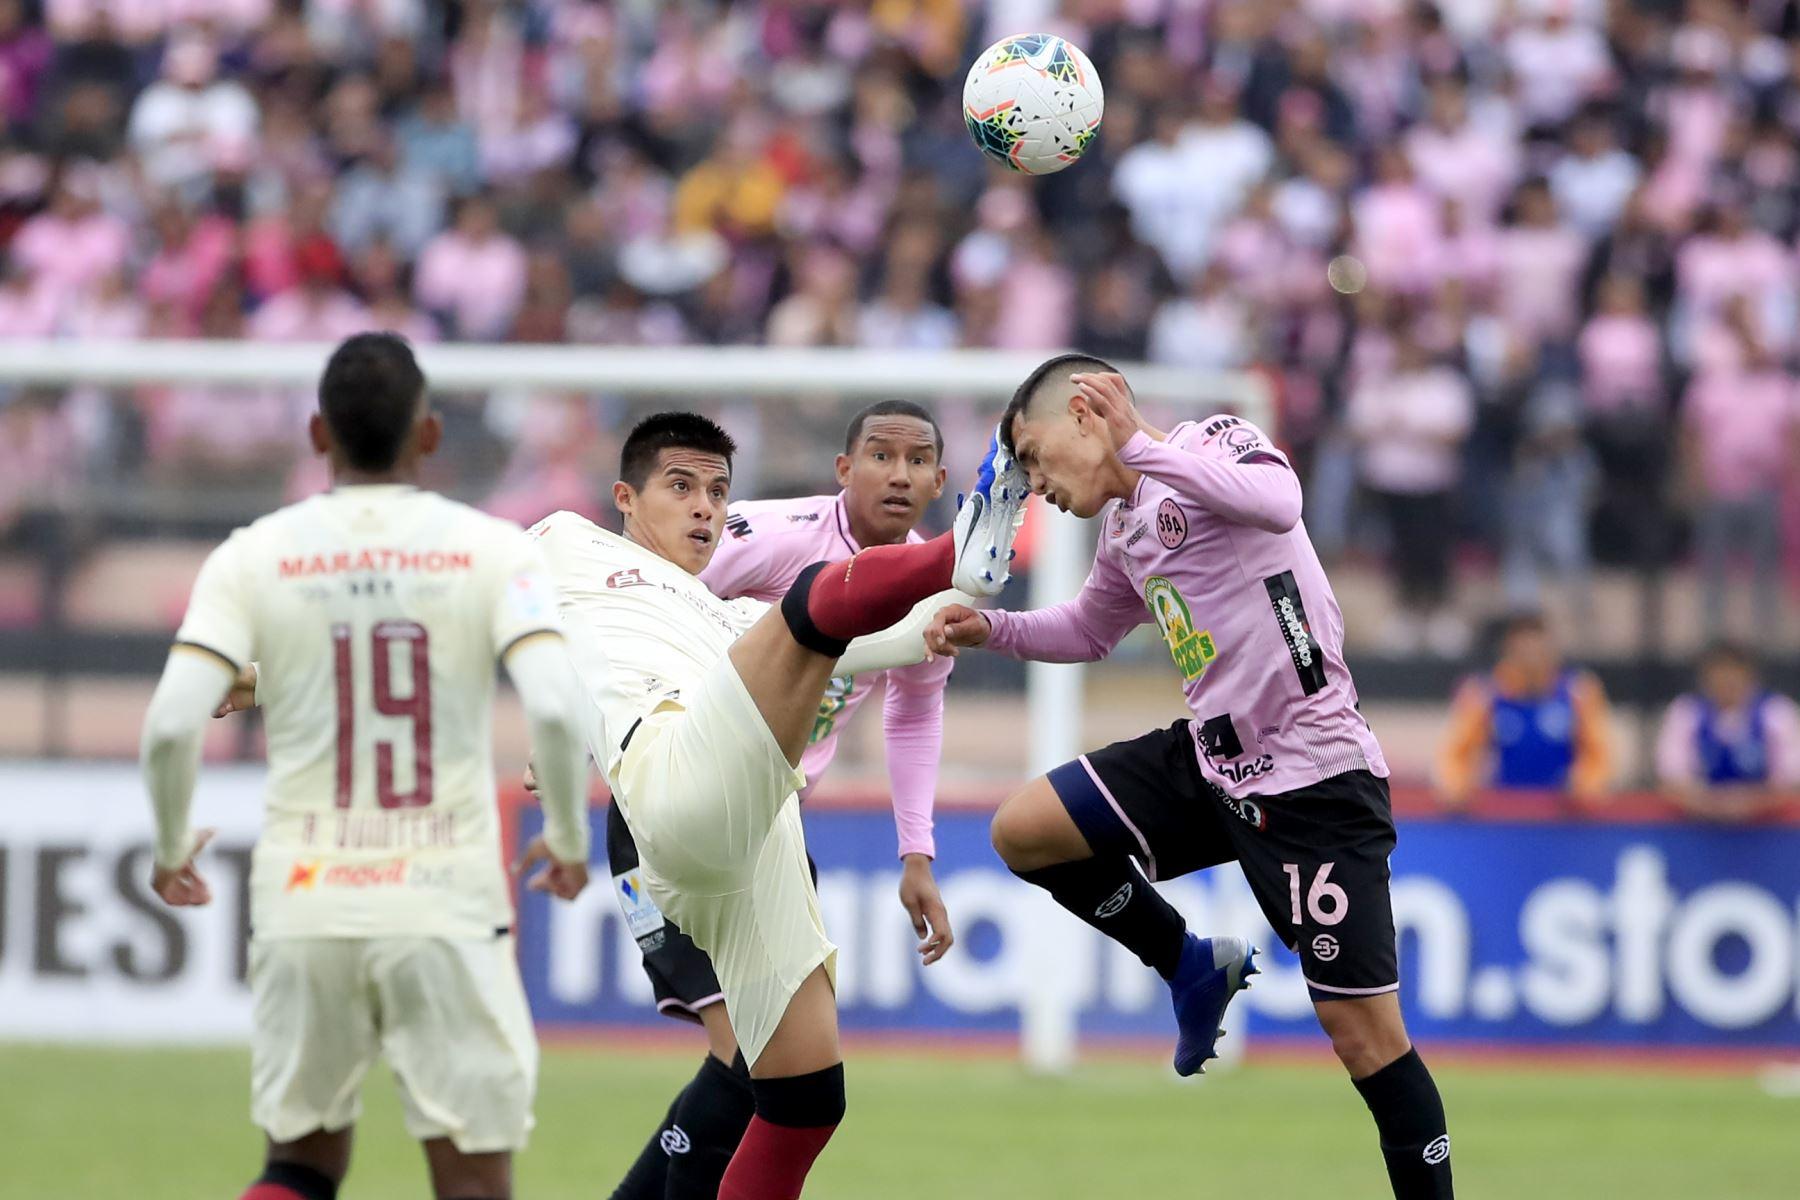 Anthony Osorio de Universitario despeja el balón frente a Pedro García del Sport Boys en el estadio Miguel Grau del Callao.   Foto: Andina/Juan Carlos Guzmán Negrini